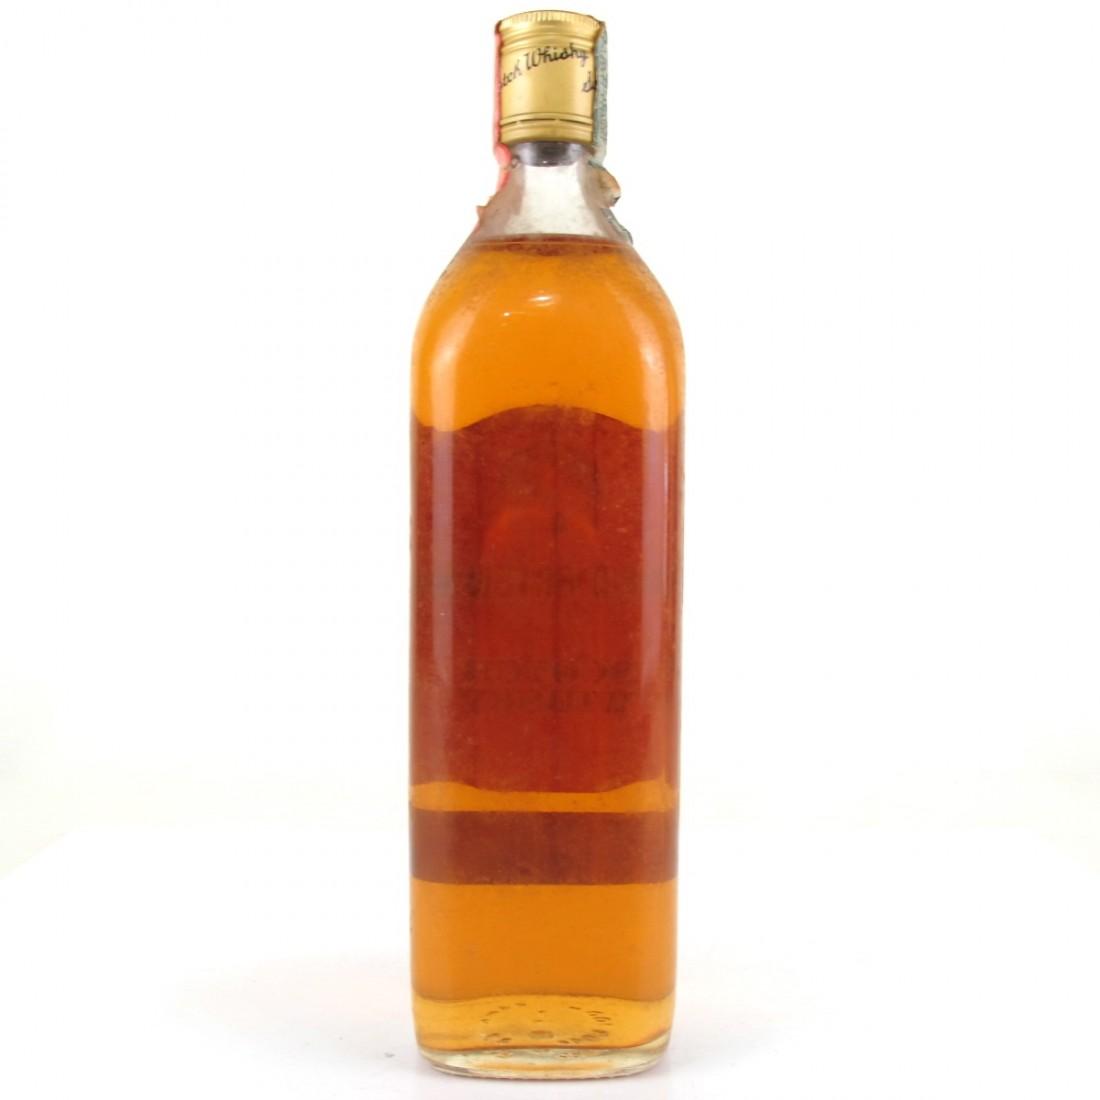 Old Friend Scotch Whisky